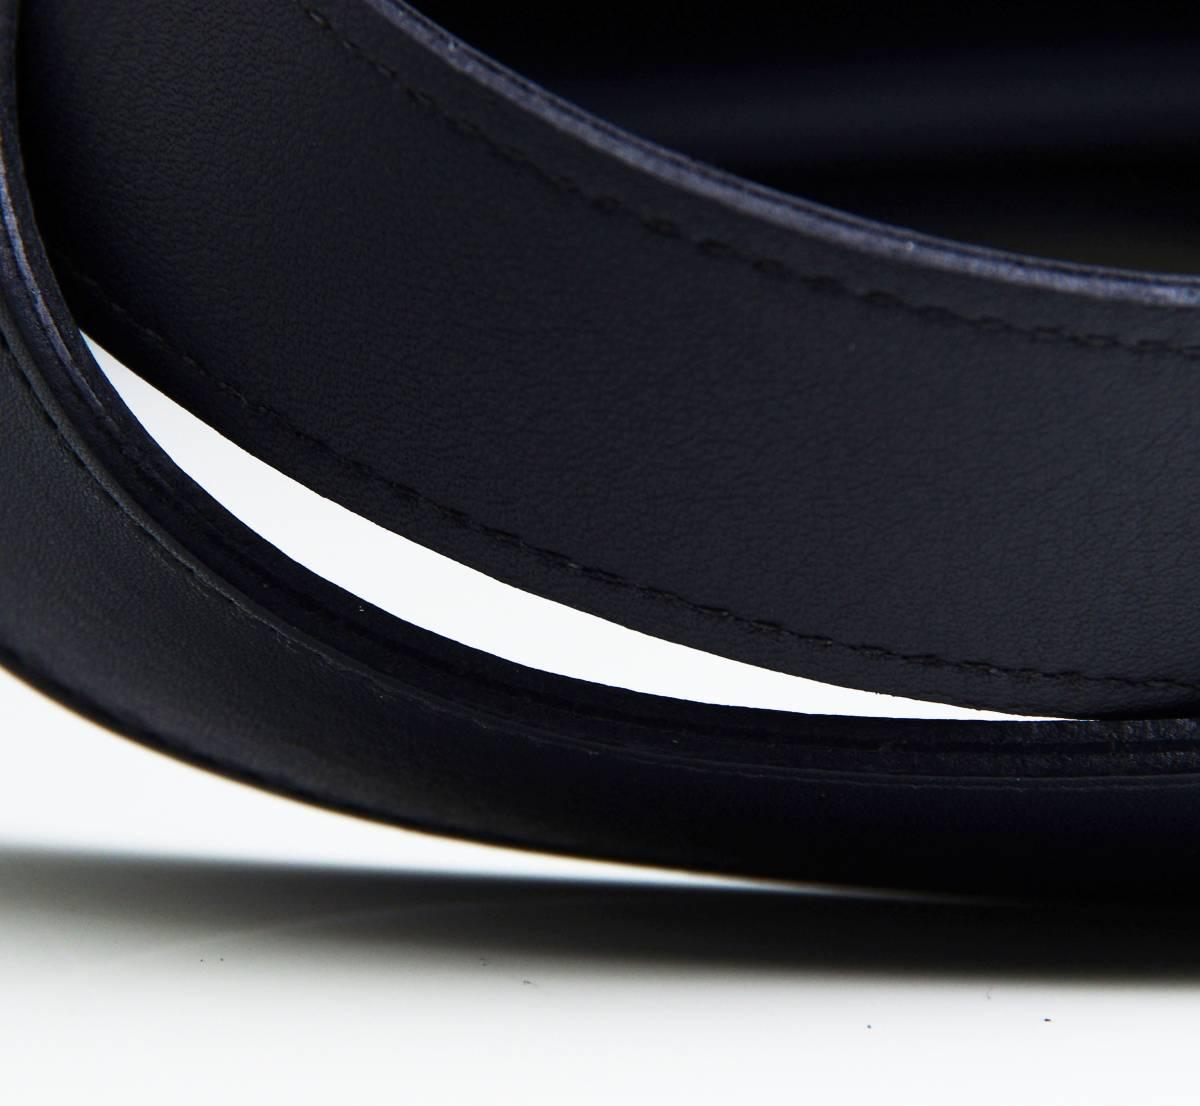 デットストック 極美品 オールドコーチ COACH トートバッグ ビジネスバッグ モスネイビー レザー メンズバッグ 牛革 A4ファイル 定価6万_画像6